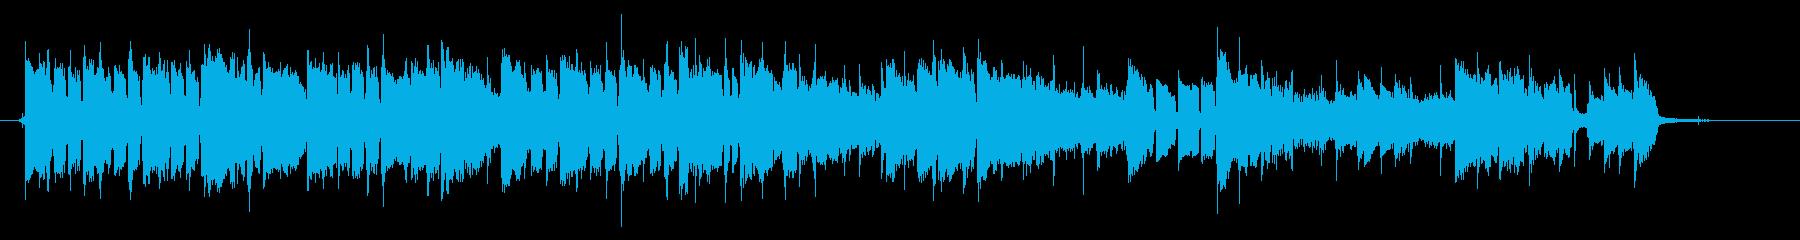 和風で切ないスローバラード、CMサイズの再生済みの波形